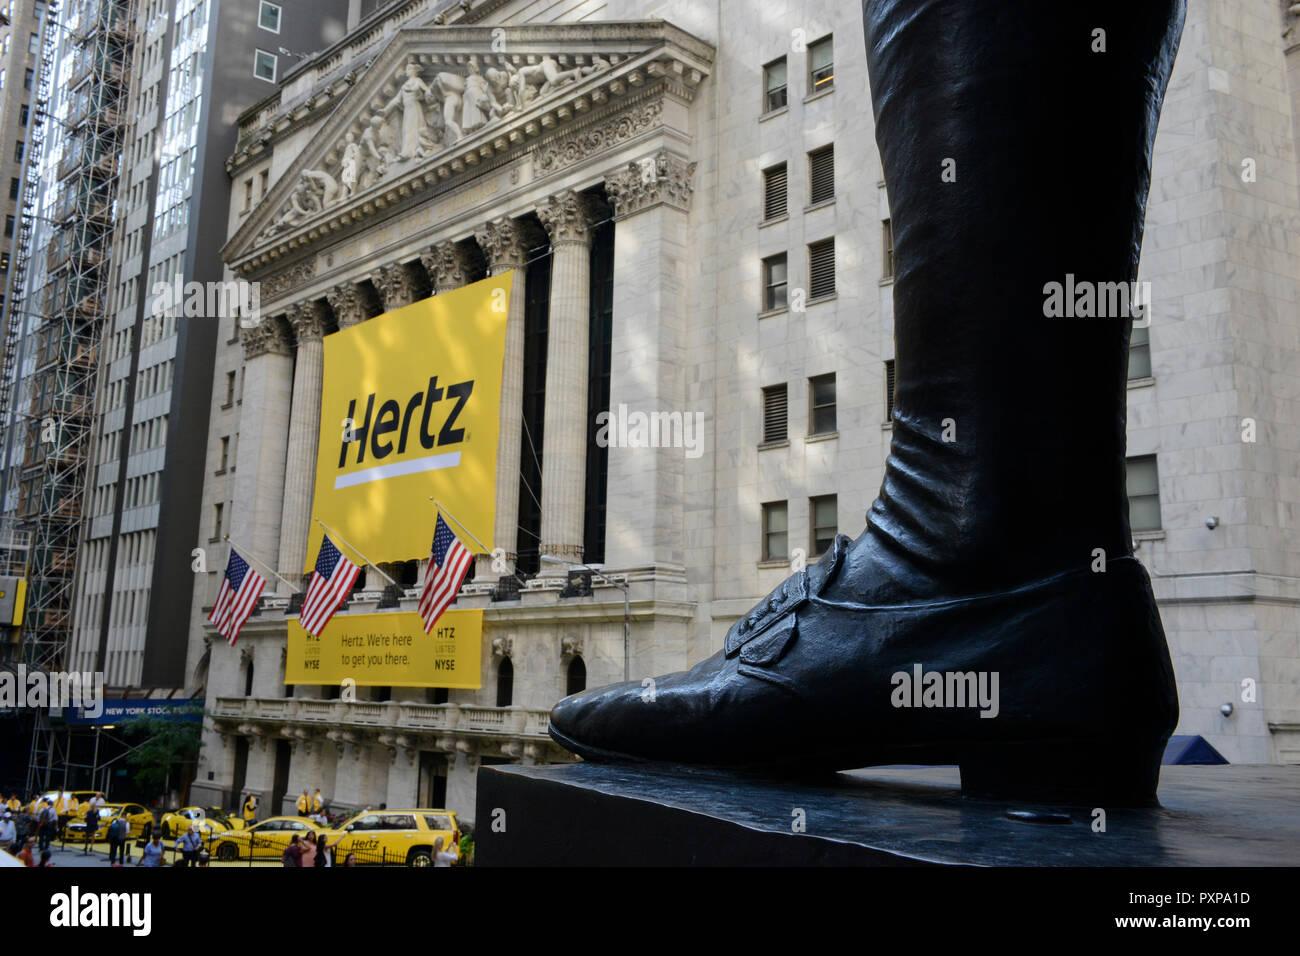 hertz rental cars photos hertz rental cars images alamy. Black Bedroom Furniture Sets. Home Design Ideas